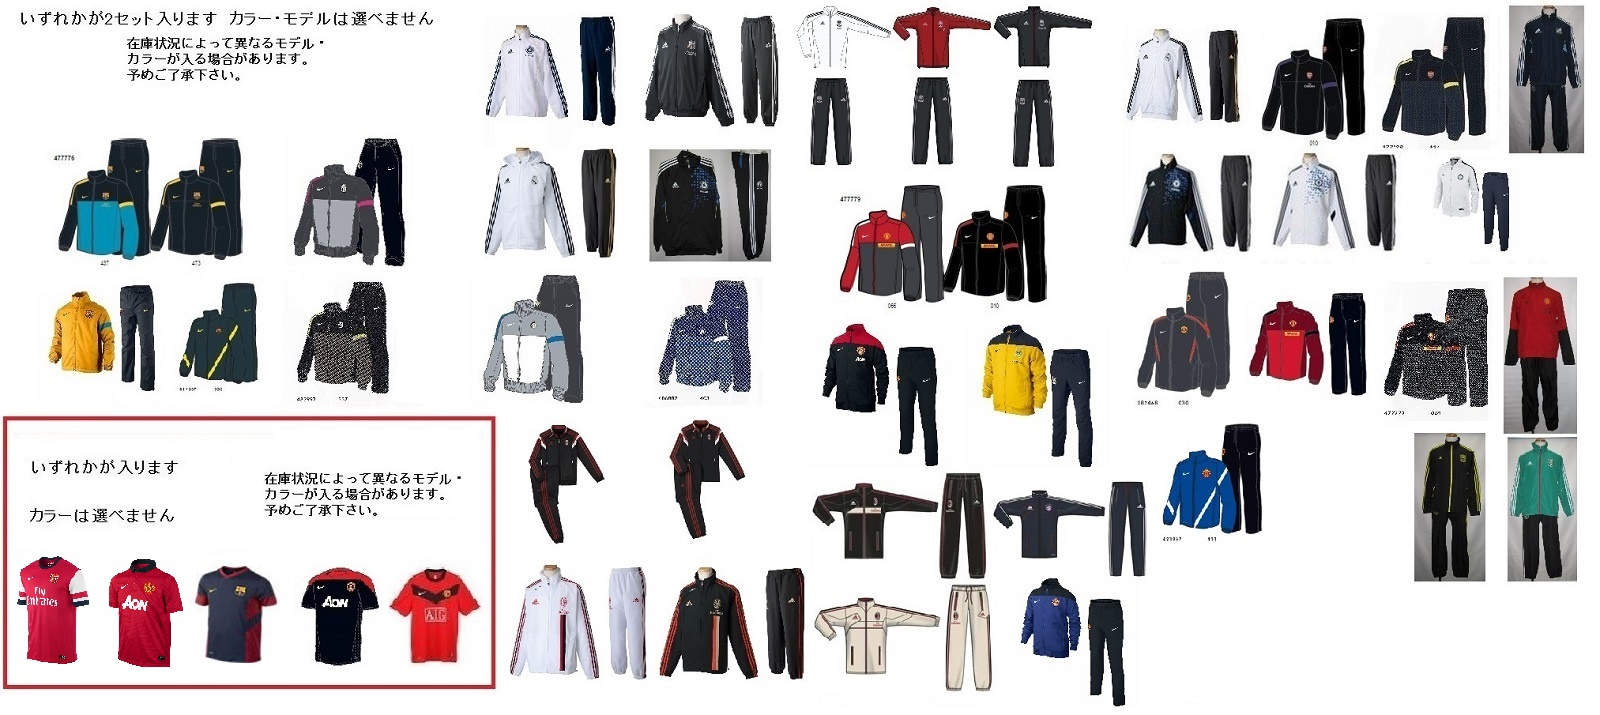 福袋 REPU-KIDS 上下2セット シャツ1枚 ジュニア キッズ ハッピーバック 合宿 サッカー フットサル アパレル